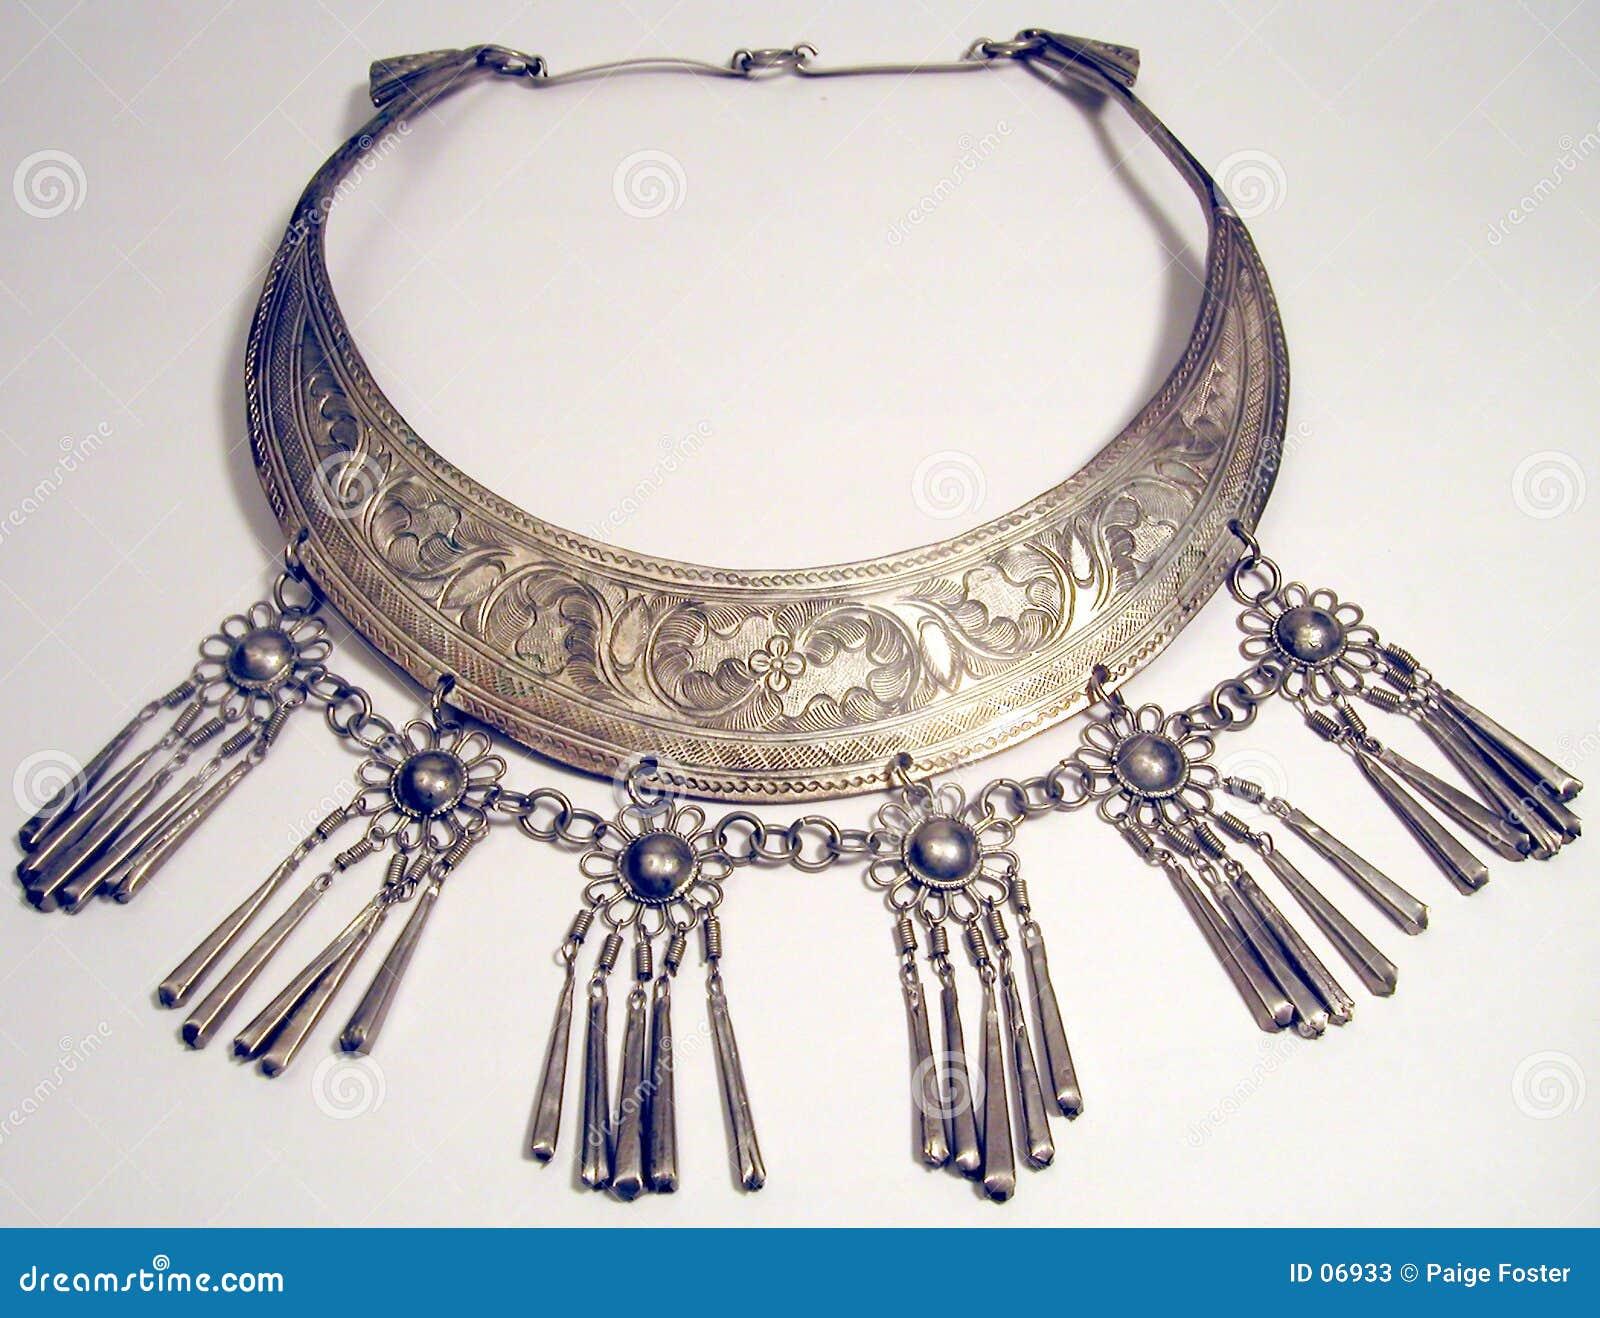 Etnische Halsband